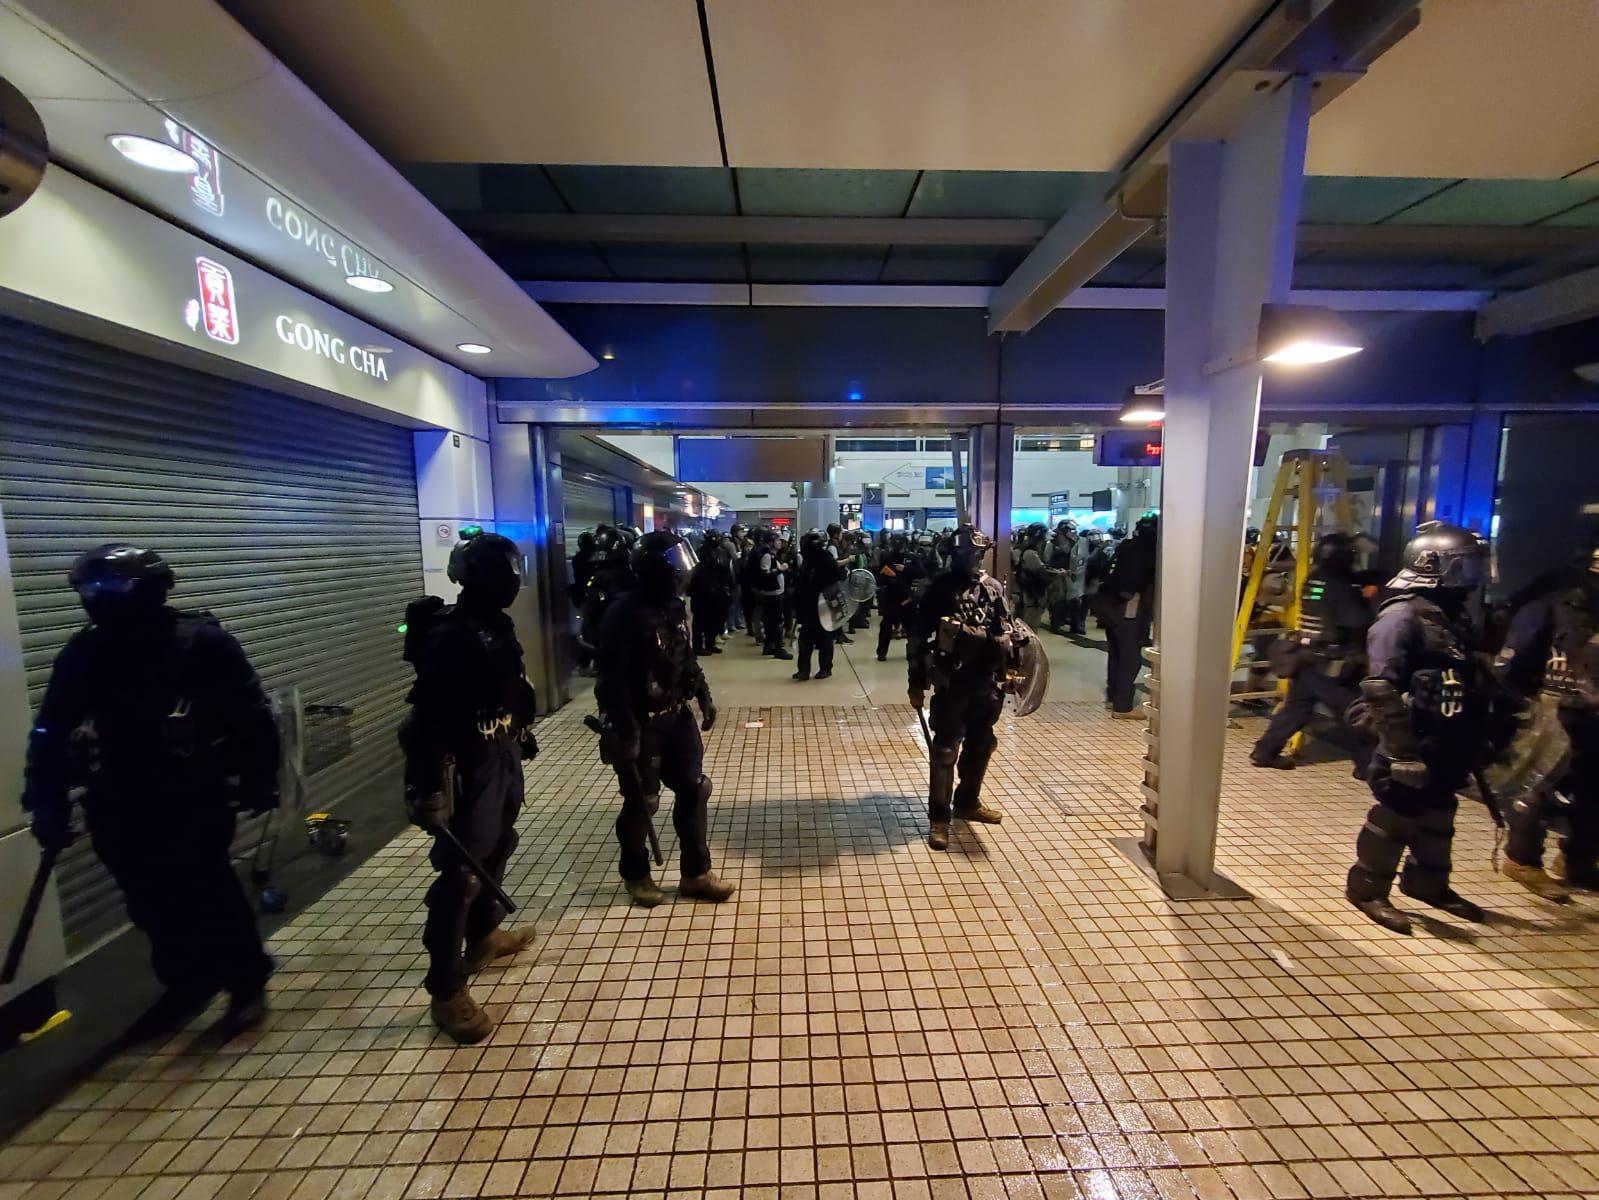 【堵塞机场】防暴警进东涌站清场 一度登列车车厢截查